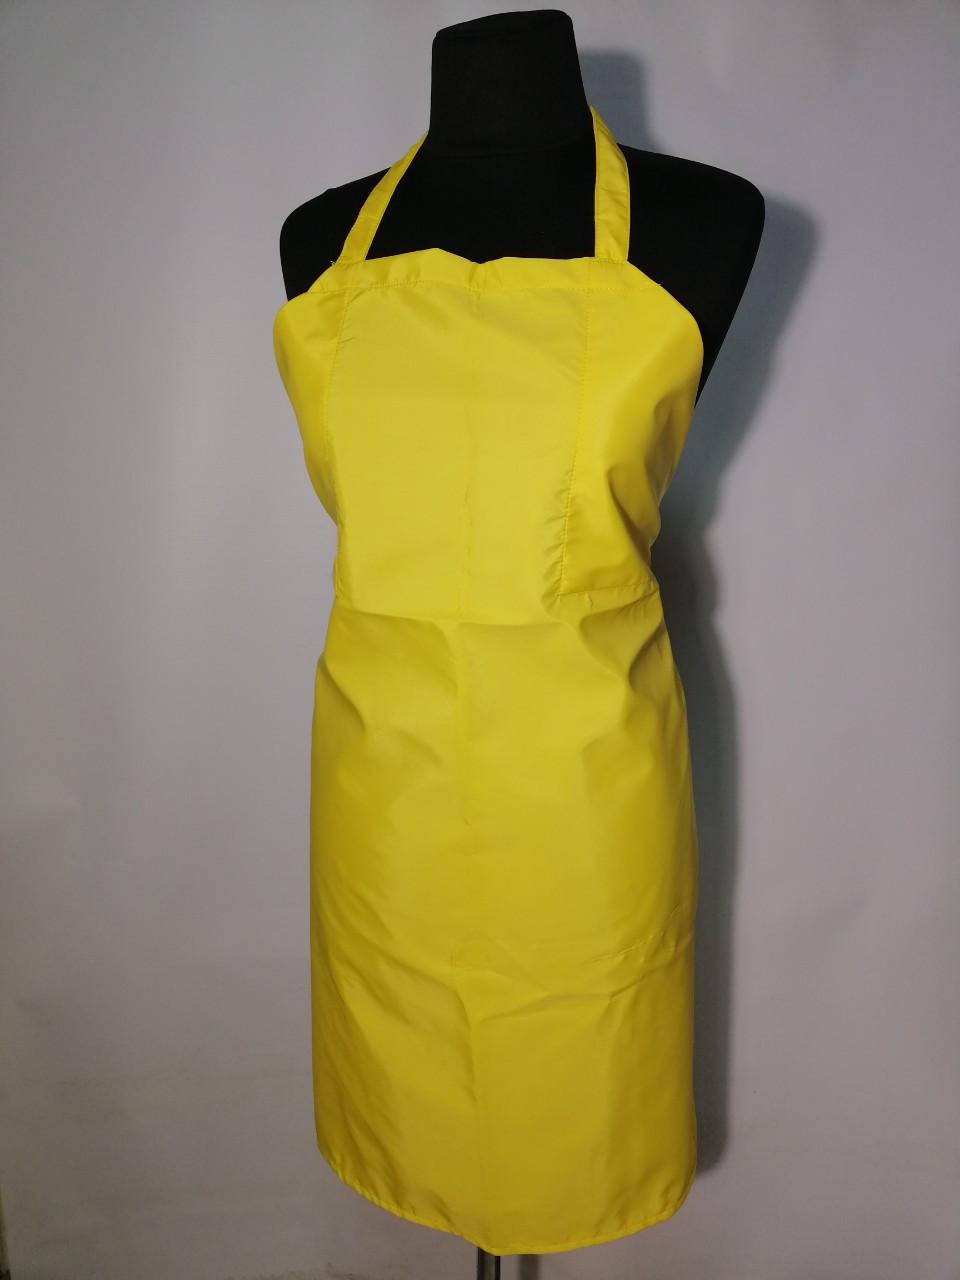 Передник, фартук для мойщиц Atteks прорезиненный, непромокаемый желтый - 00422